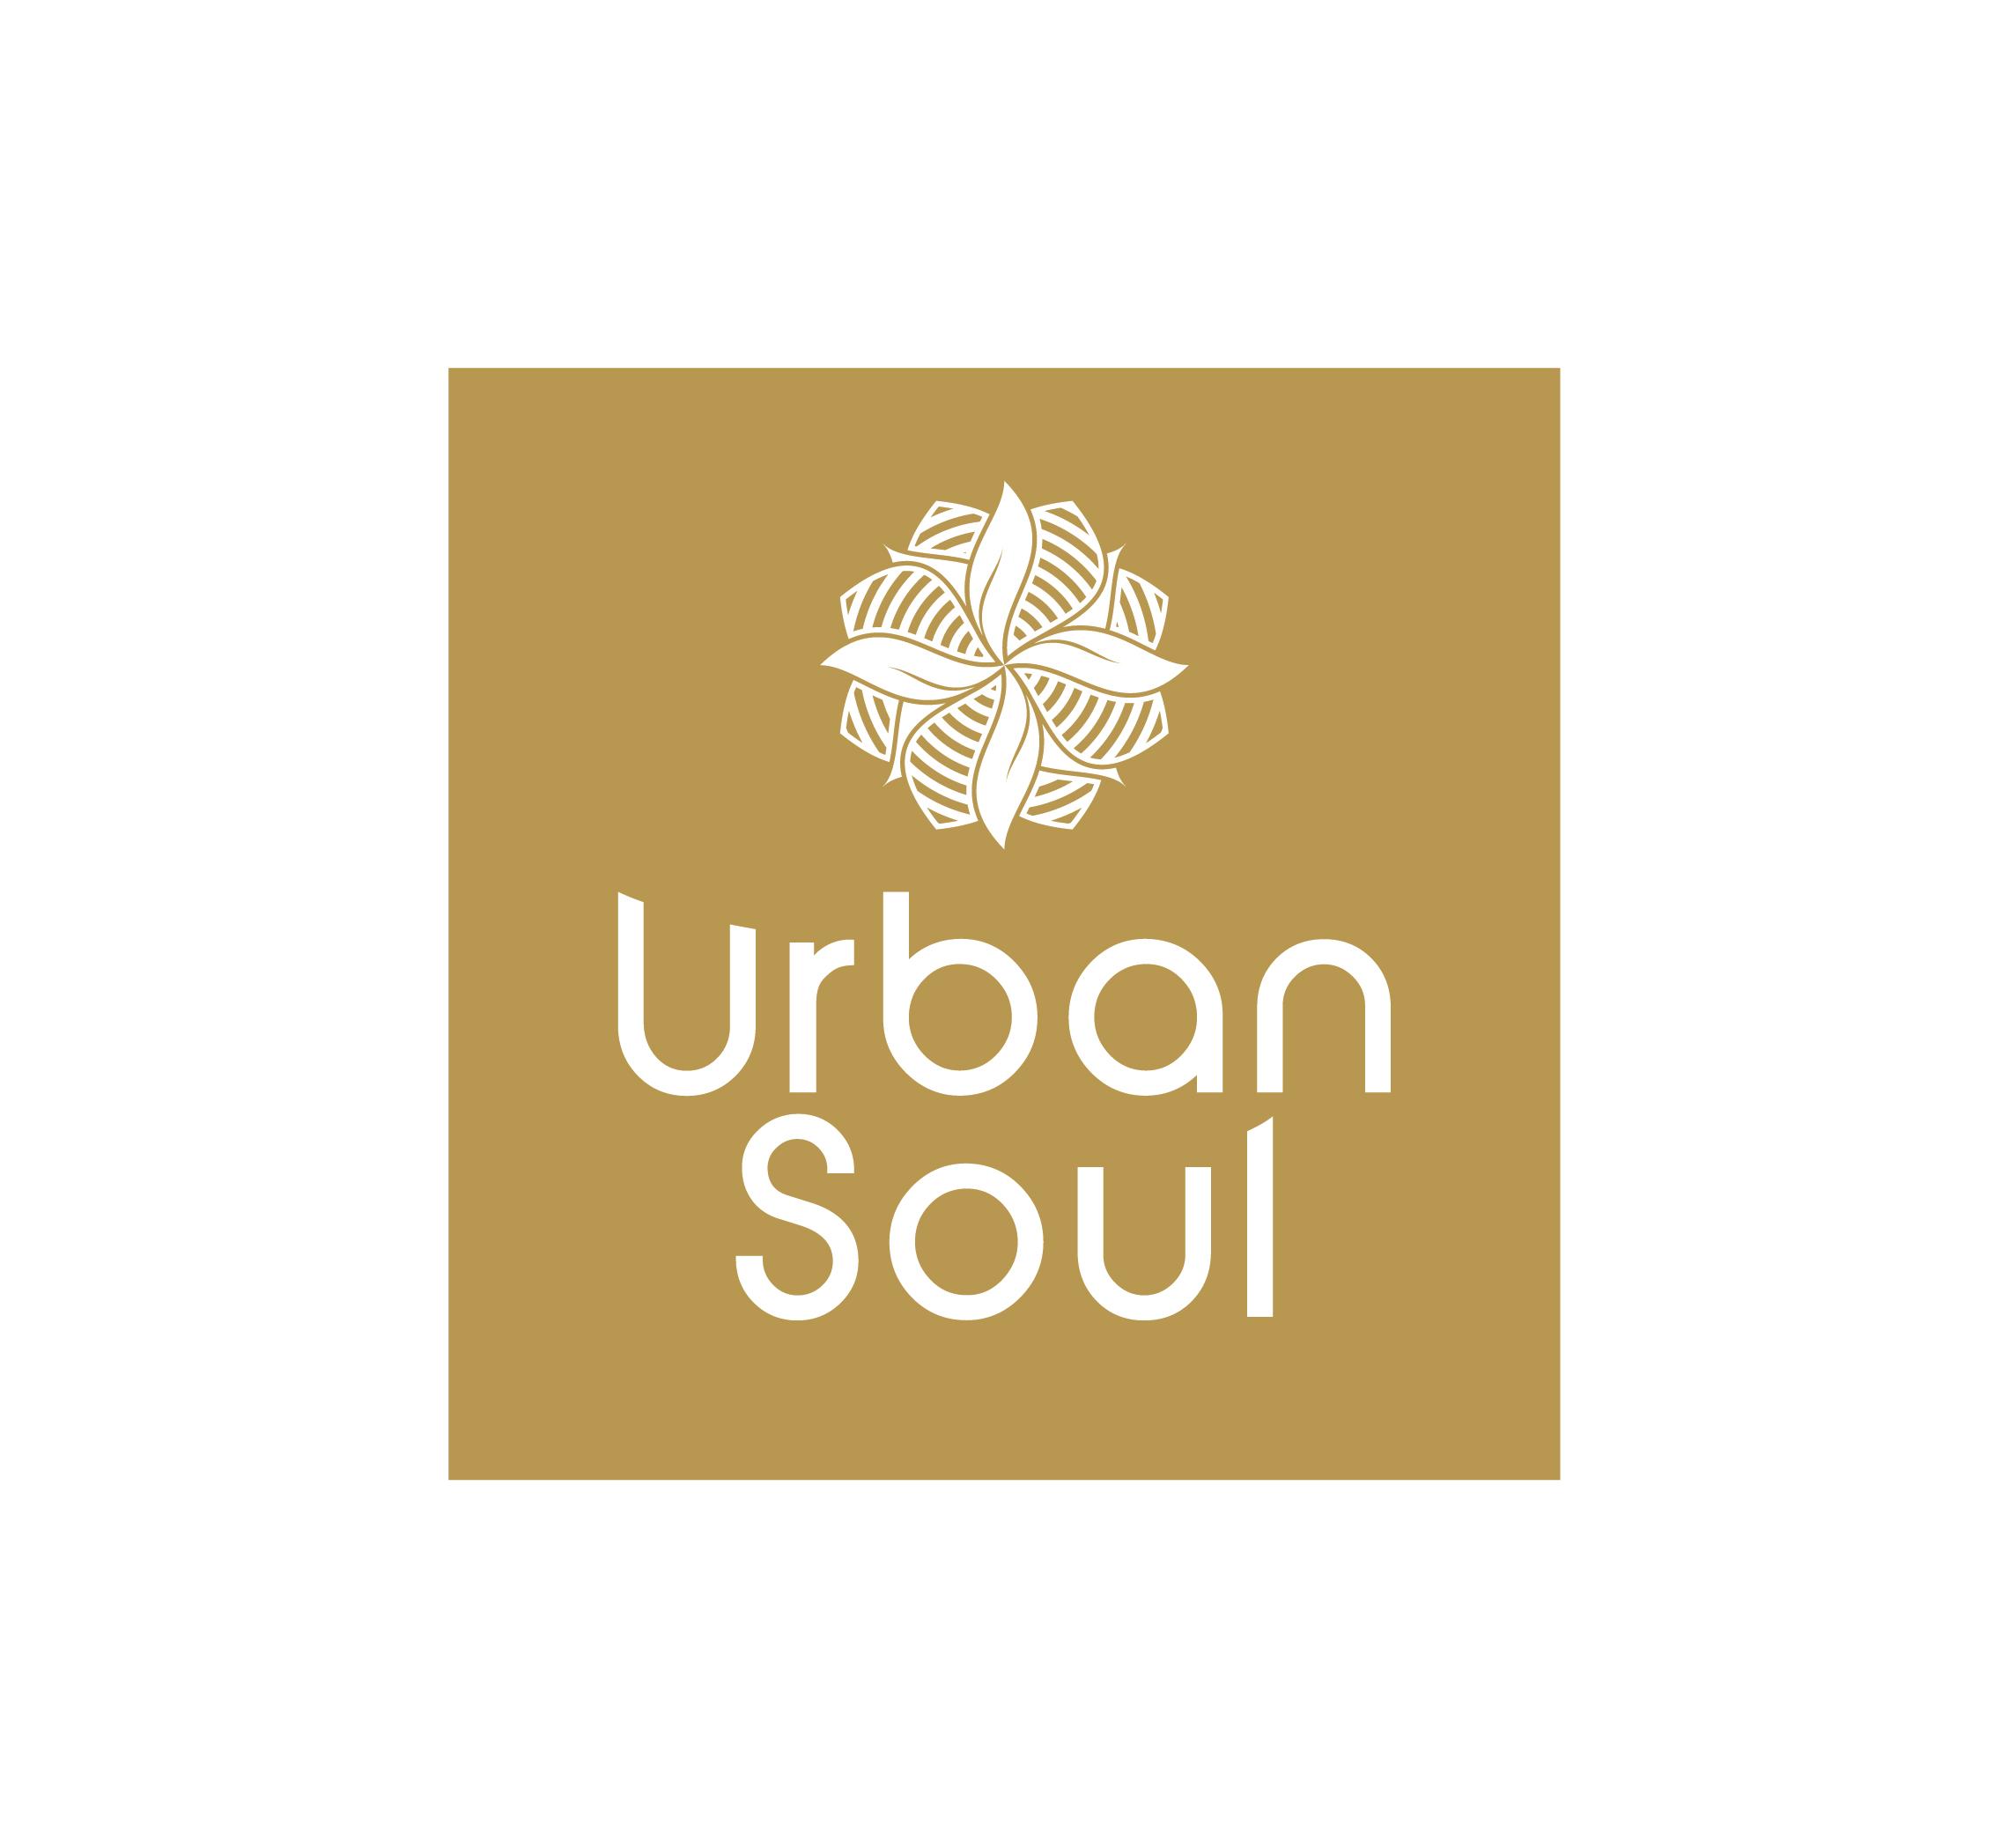 Urban Soul Gold logo